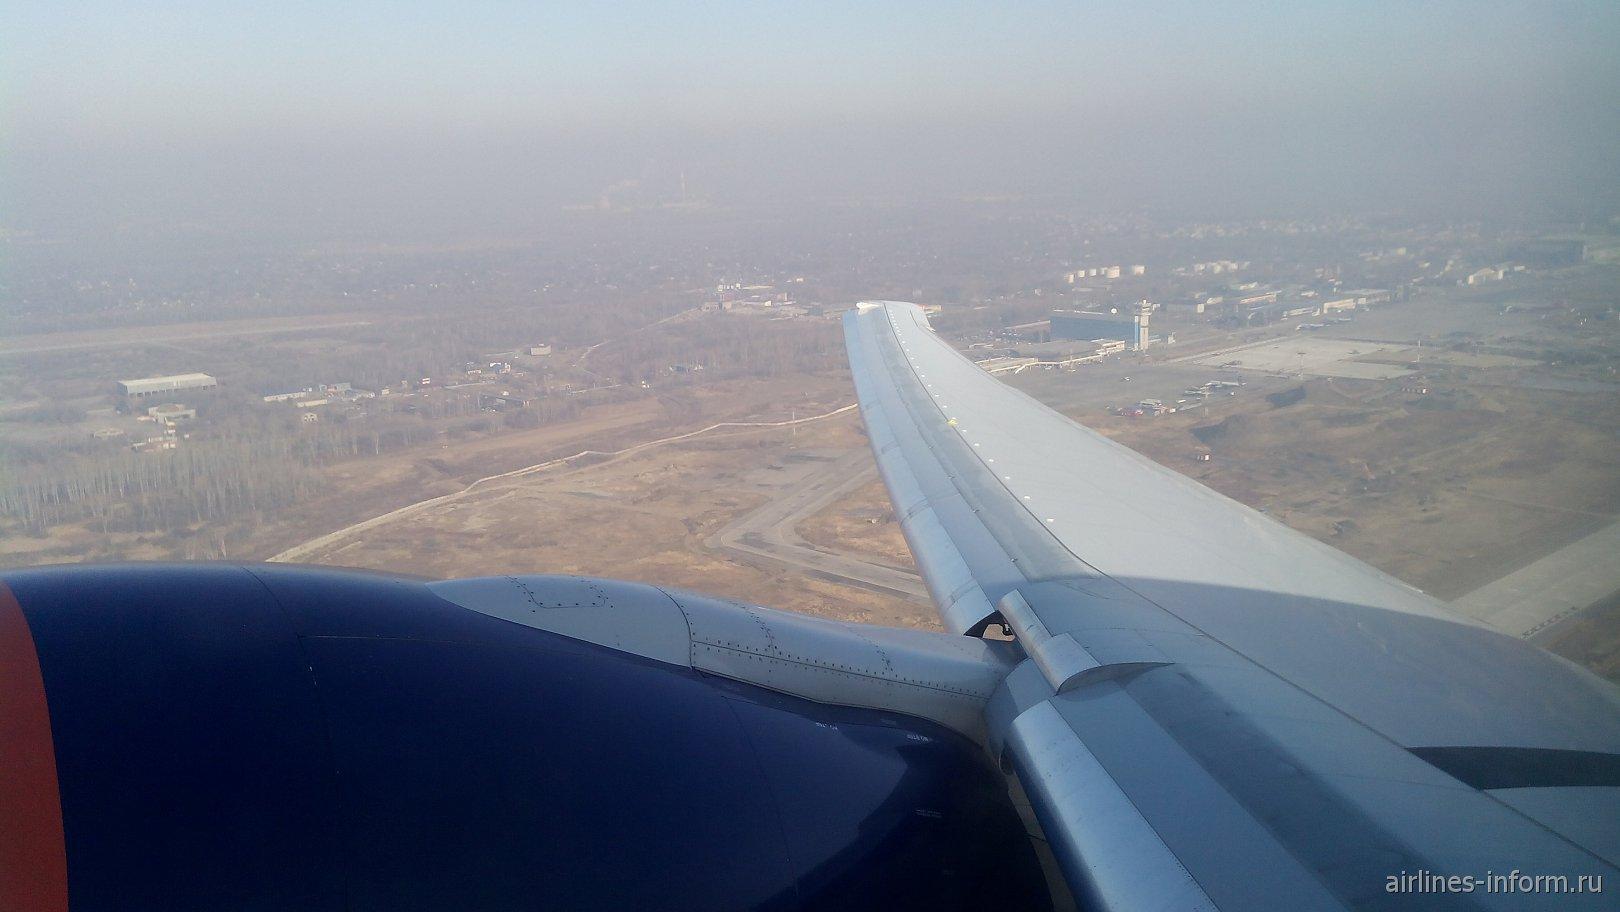 Хабаровск-Москва (SU1711, Аэрофлот), класс комфорт